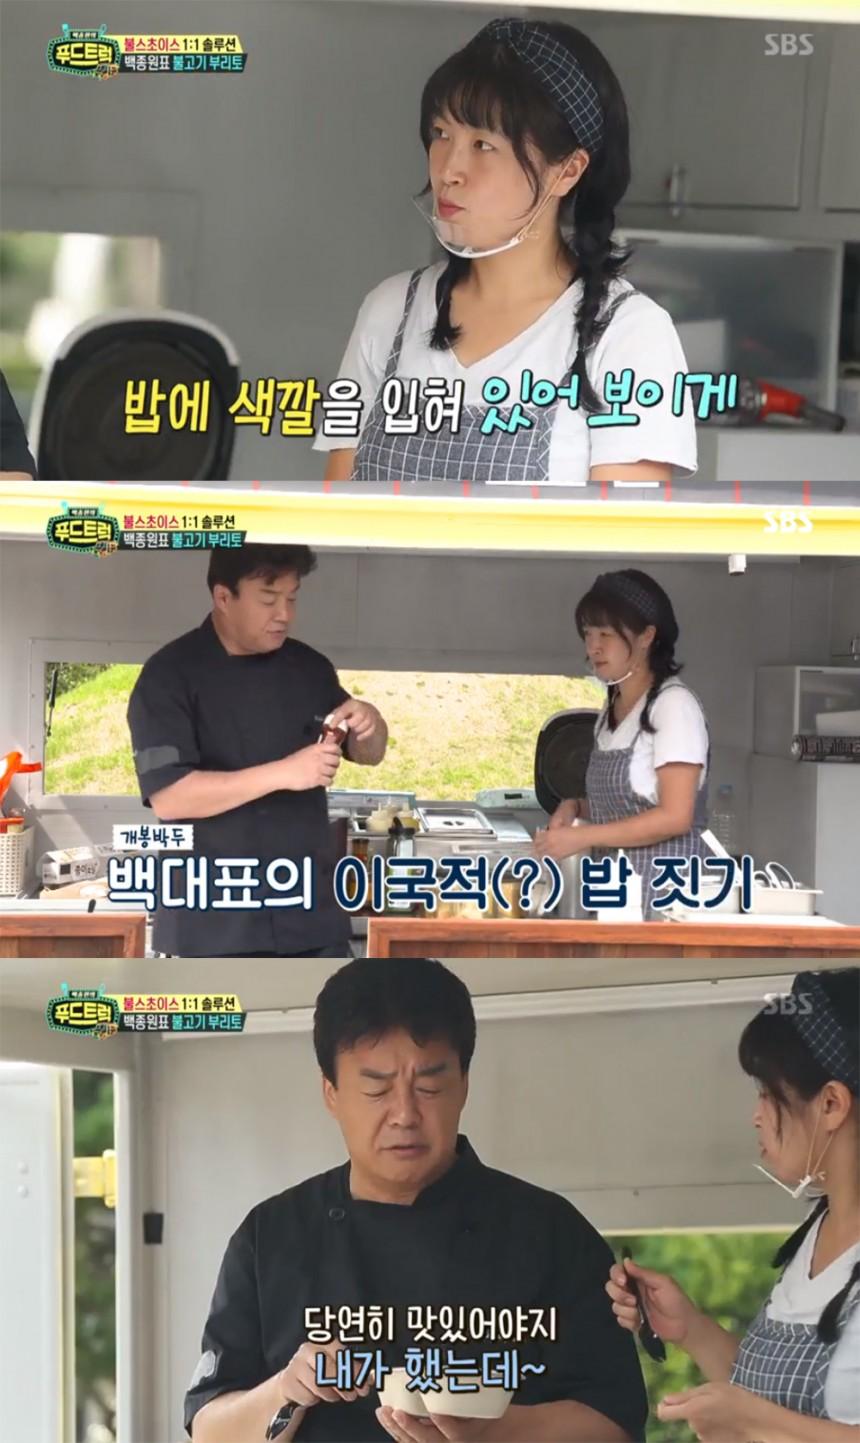 SBS '백종원의 푸드트럭' 방송화면 캡처